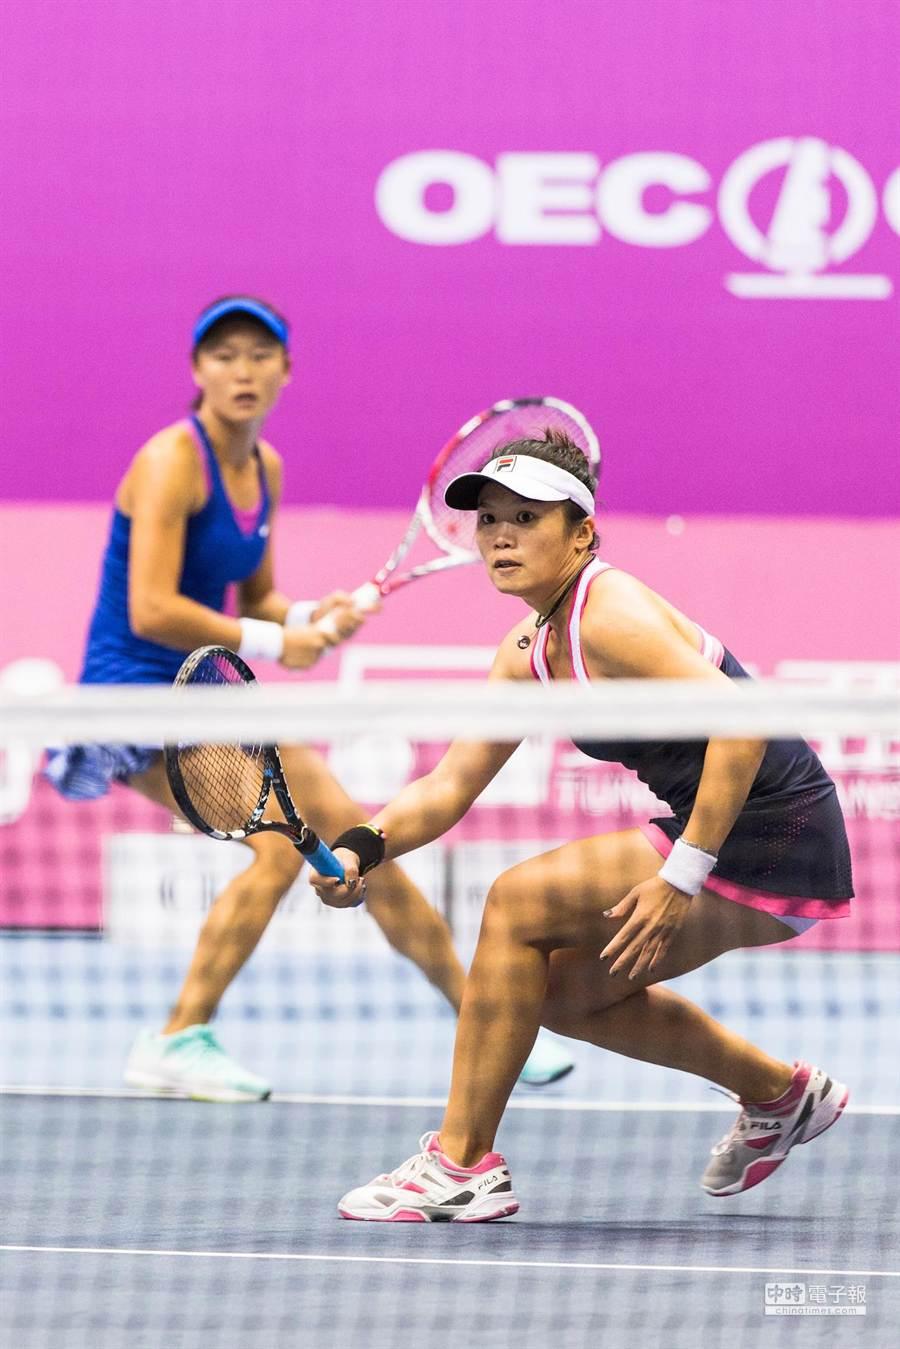 莊佳容(前)與張凱貞(後)四強賽擊敗對手,明日將與詹家姐妹爭奪海碩盃女網賽雙打冠軍。(圖/海碩運動行銷提供)